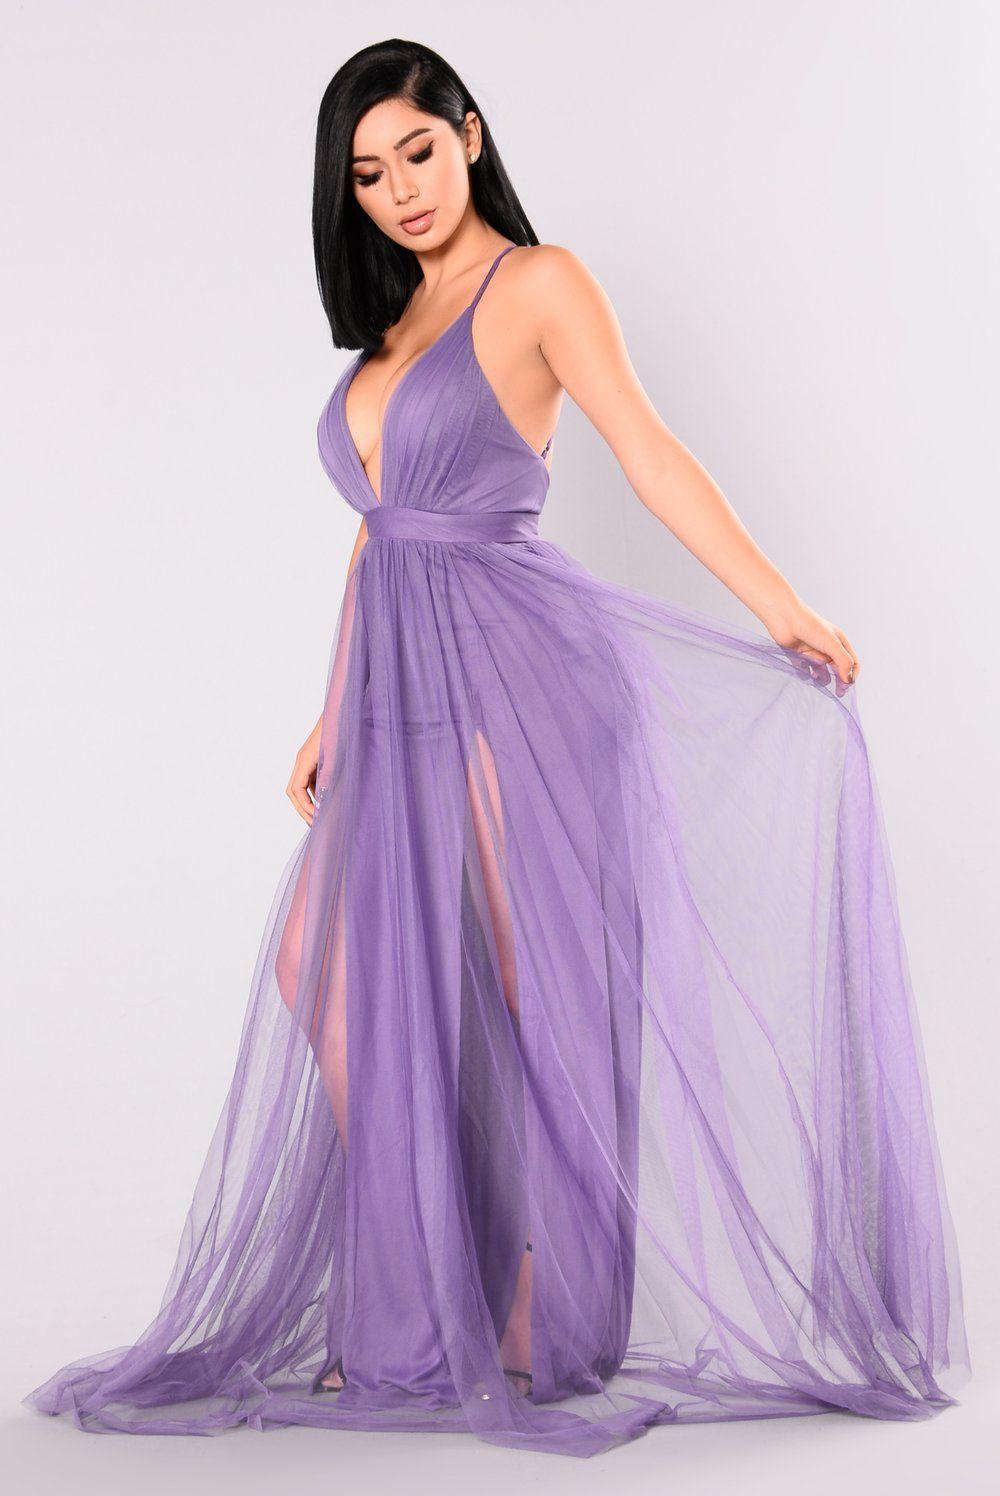 On The Runway Maxi Dress Purple Purple dress, Dresses